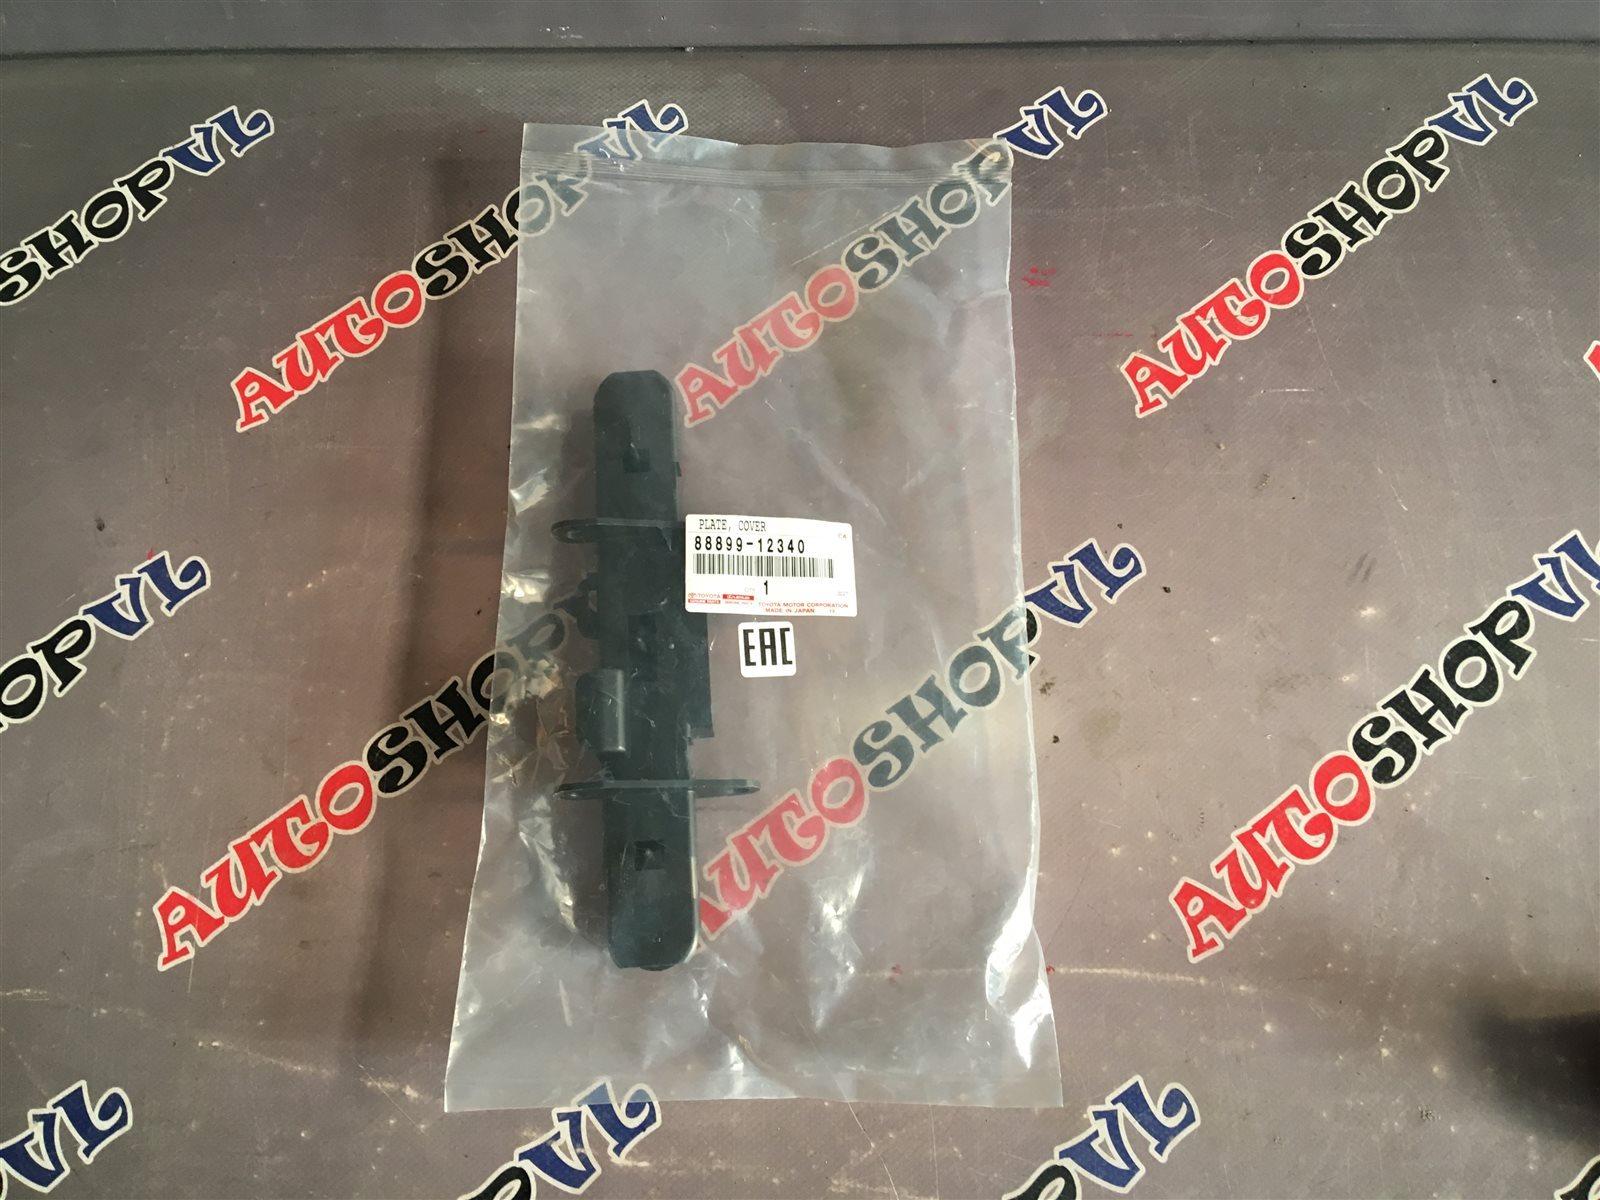 Крышка салонного фильтра TOYOTA COROLLA SPACIO AE111 88899-12340 новая